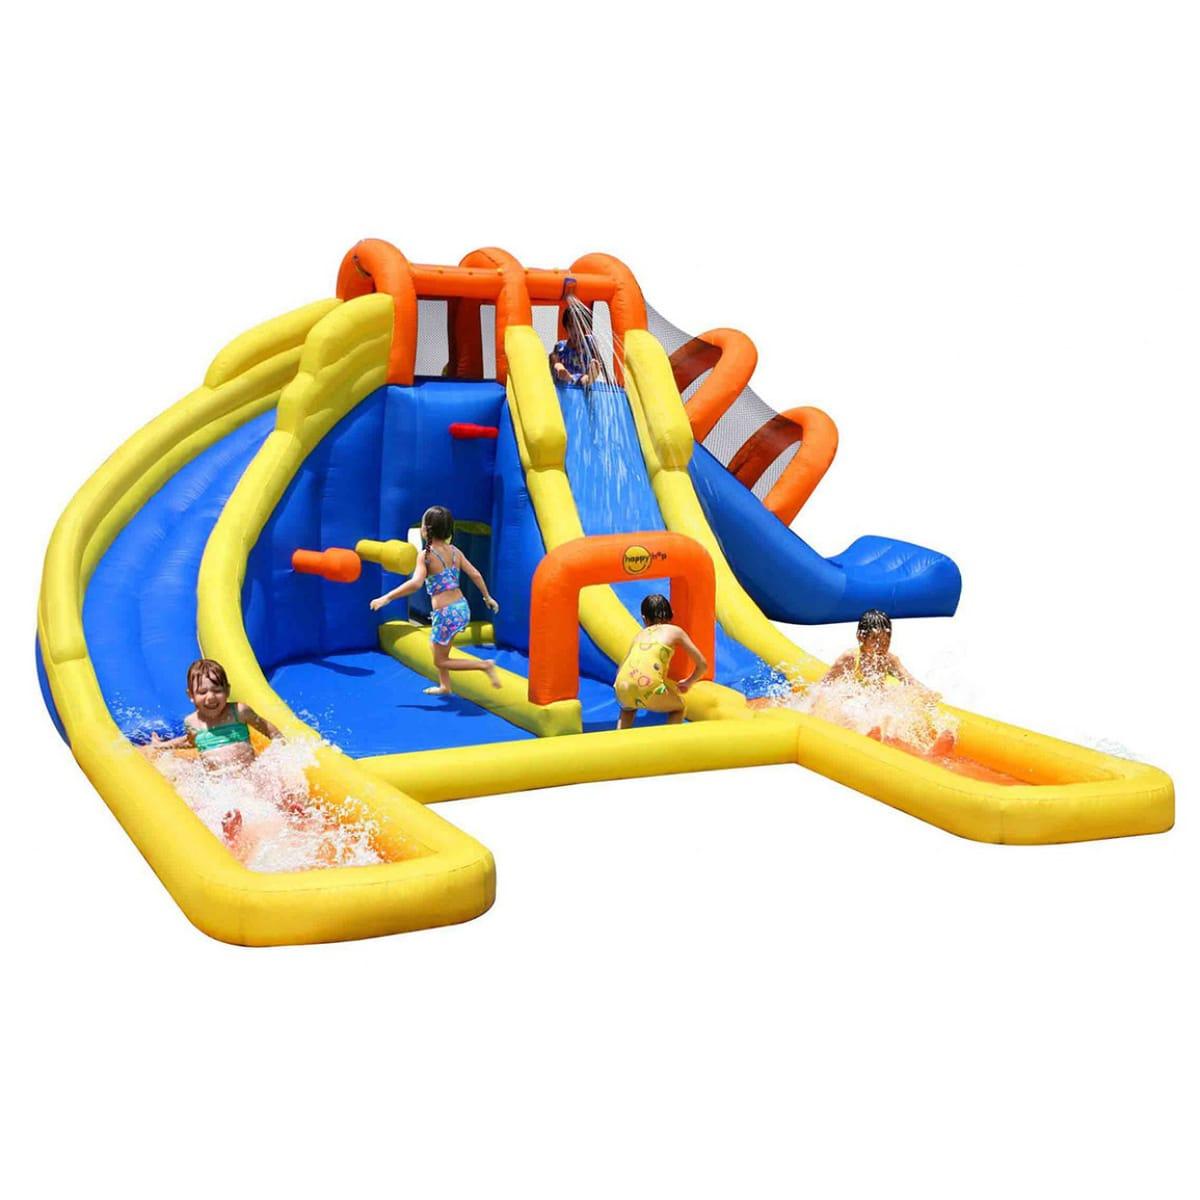 Aire de jeux gonflable Mini Park HAPPY HOP pas cher à prix